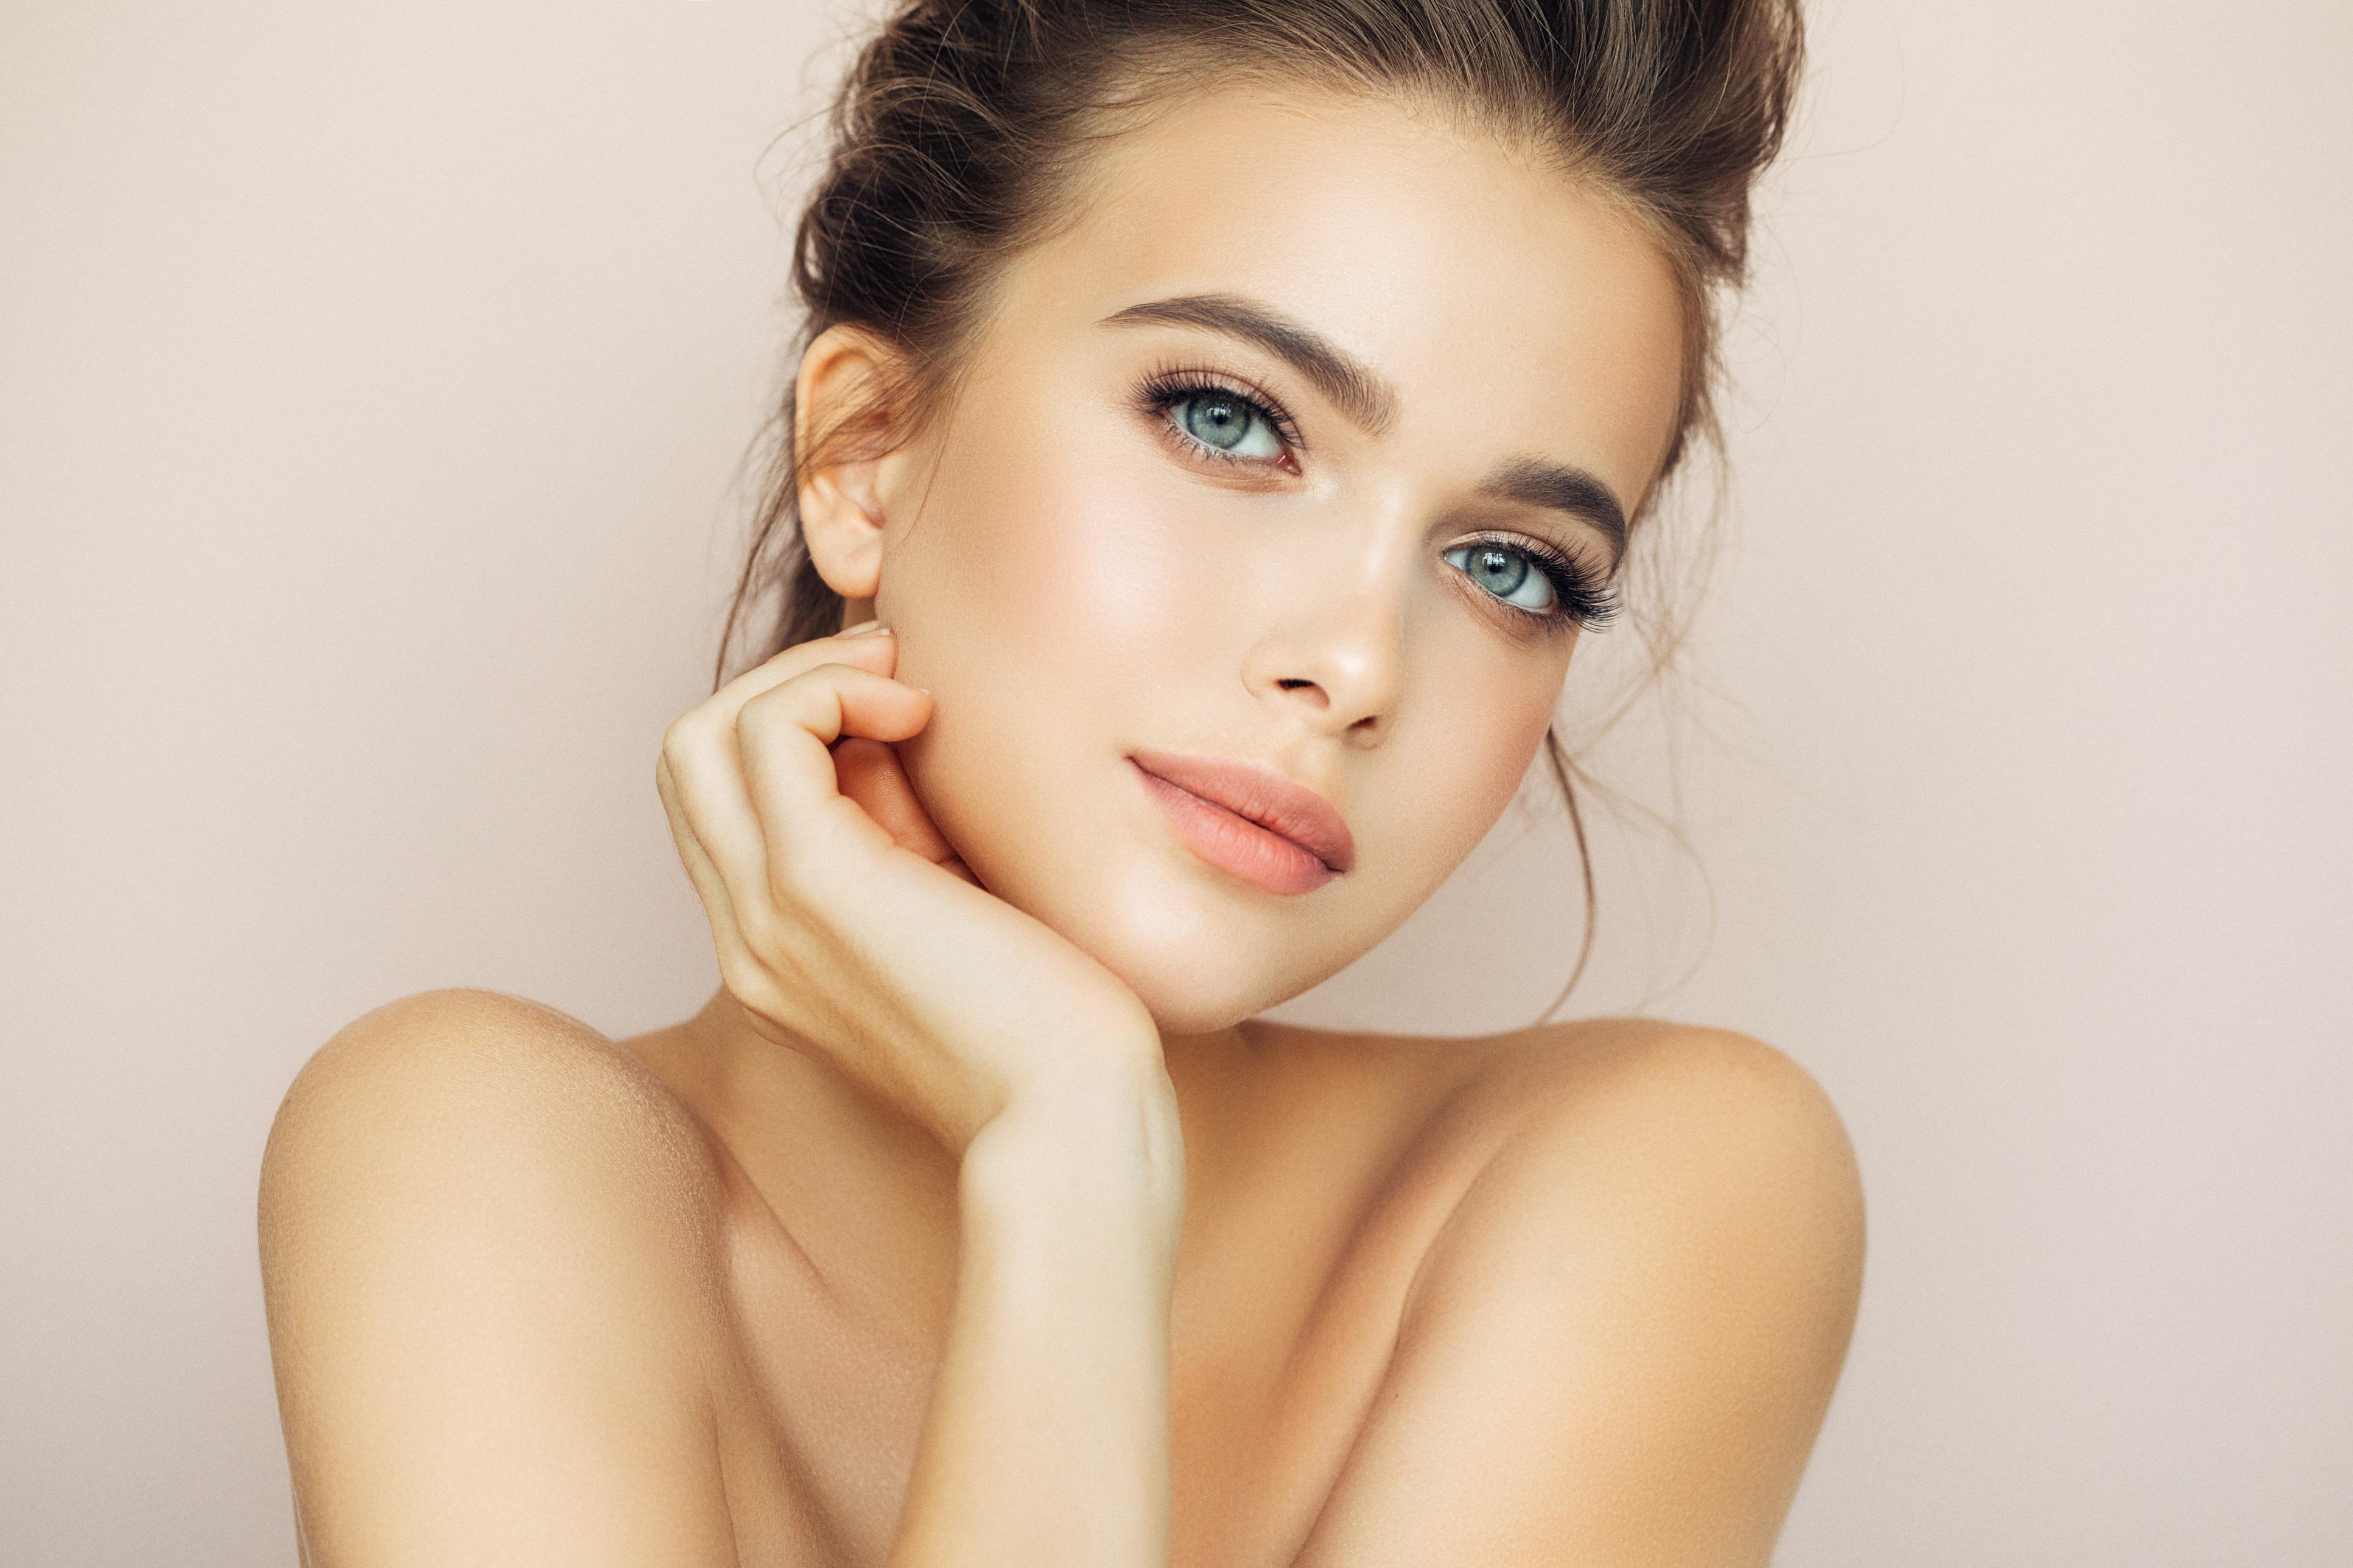 Natural Beauty Skin Care Redlands